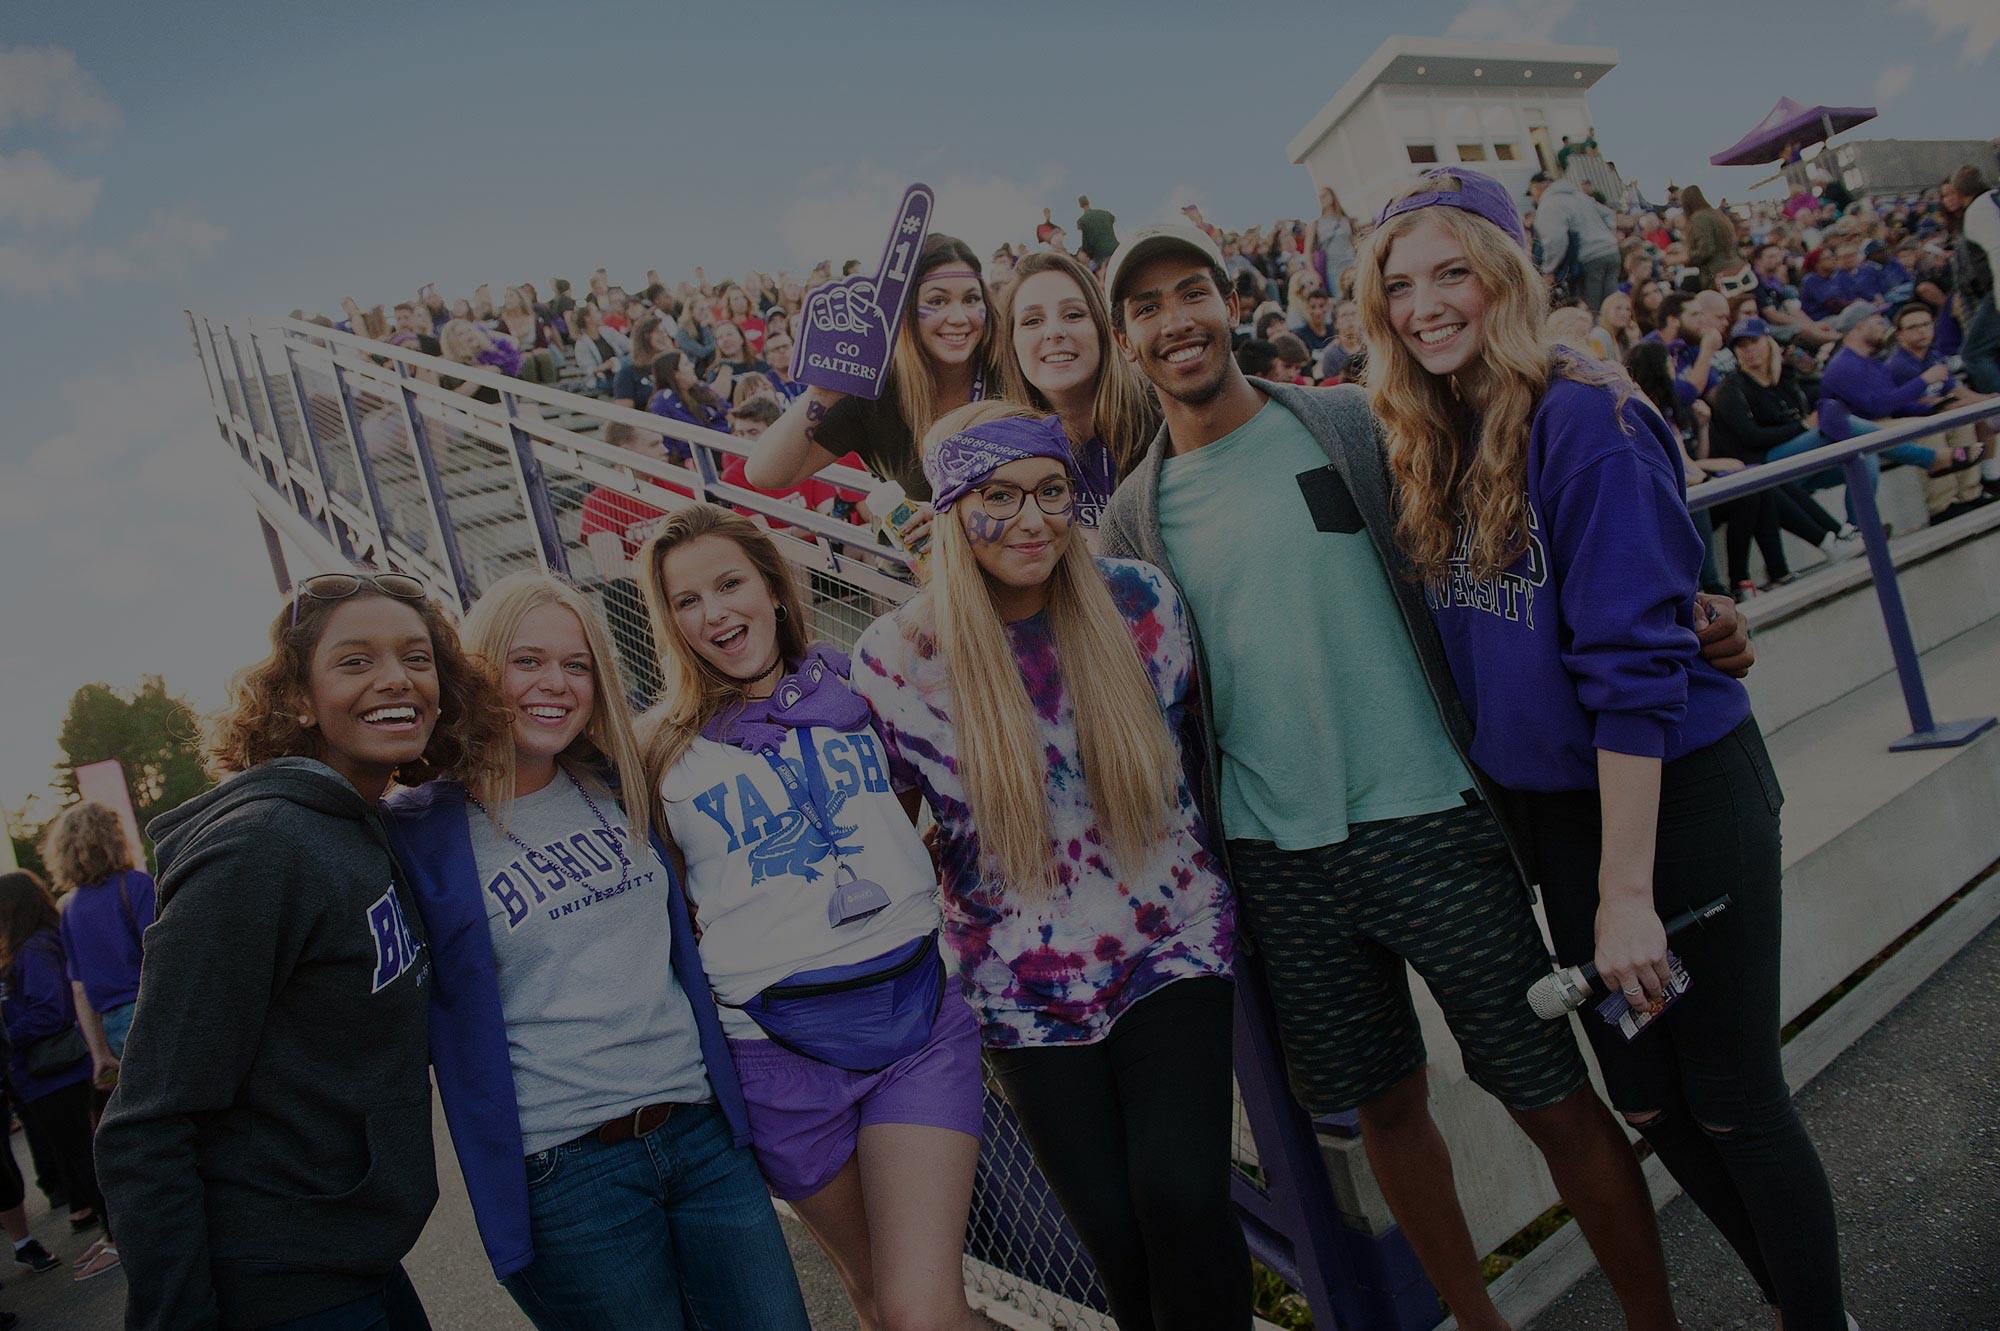 Bishop's University Blog